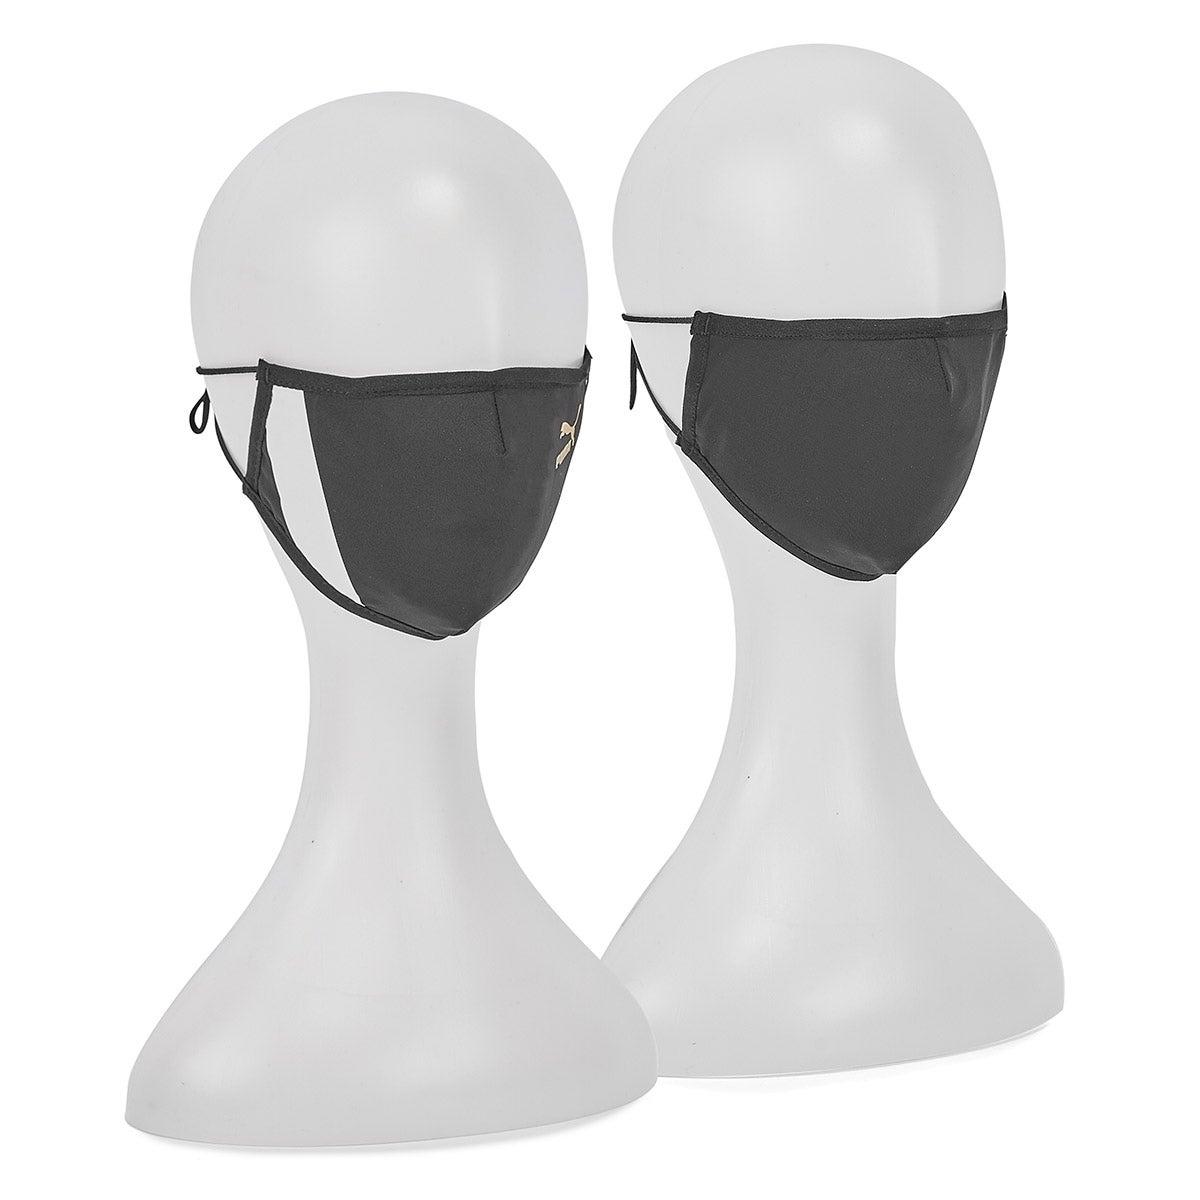 Unisex Puma Unity Face Mask - Black 2pk